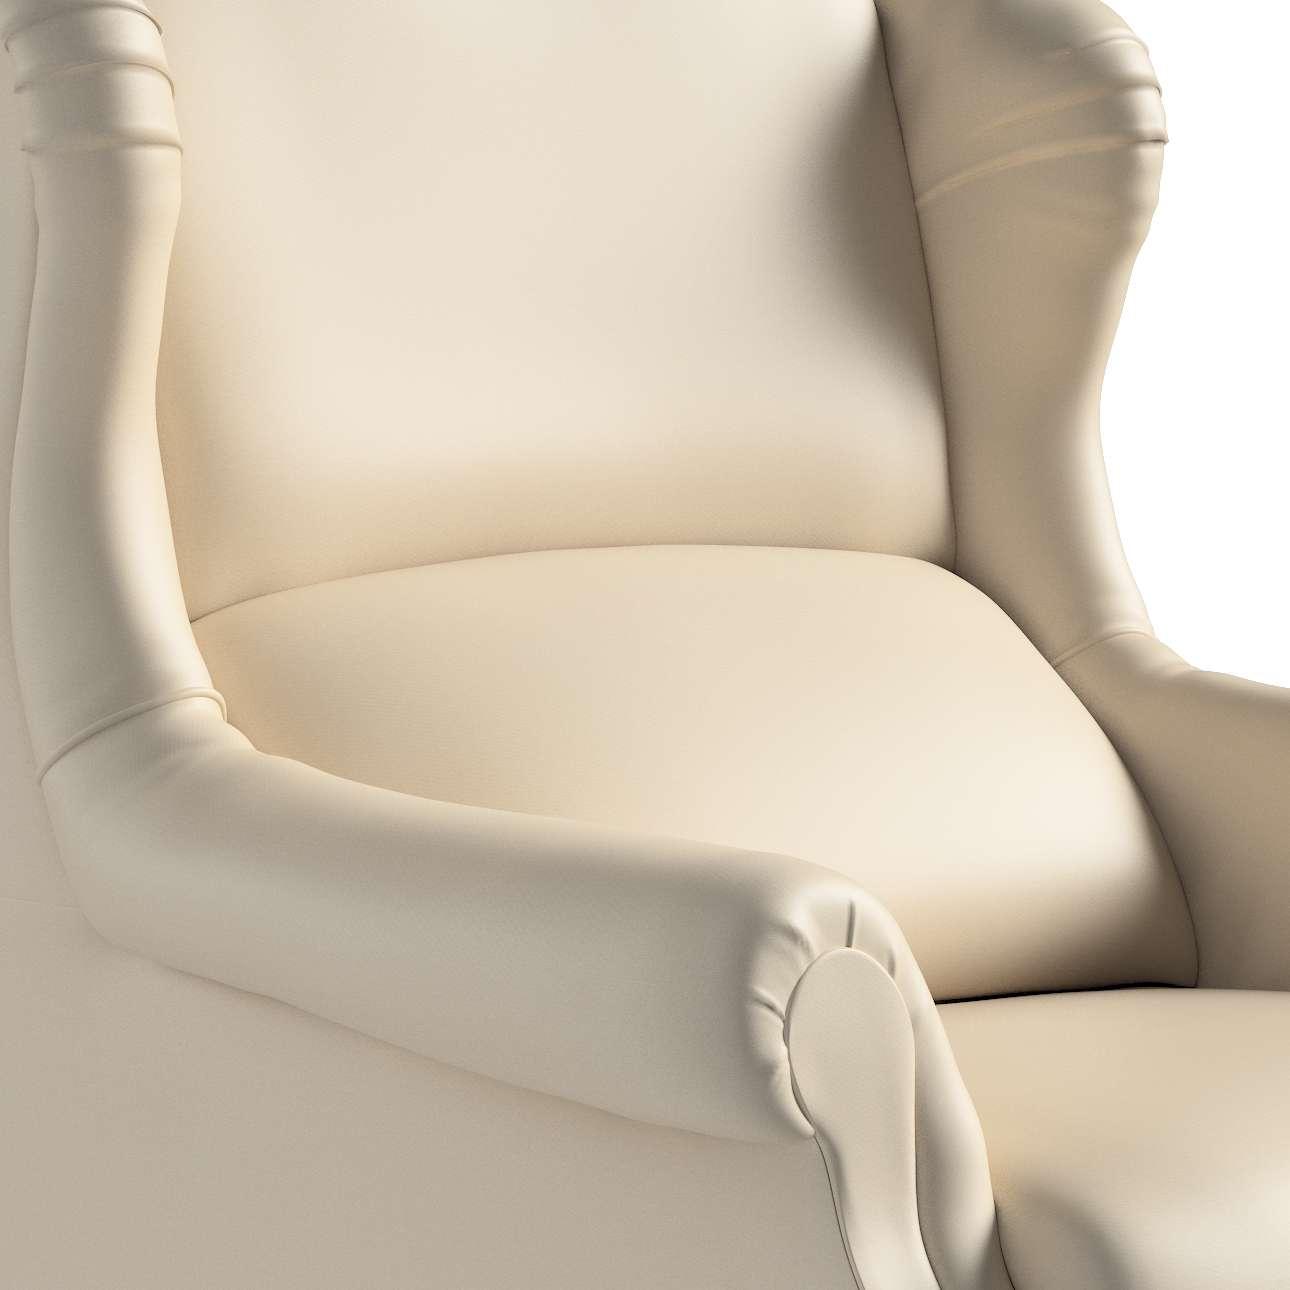 Sessel Unique von der Kollektion Damasco, Stoff: 141-73